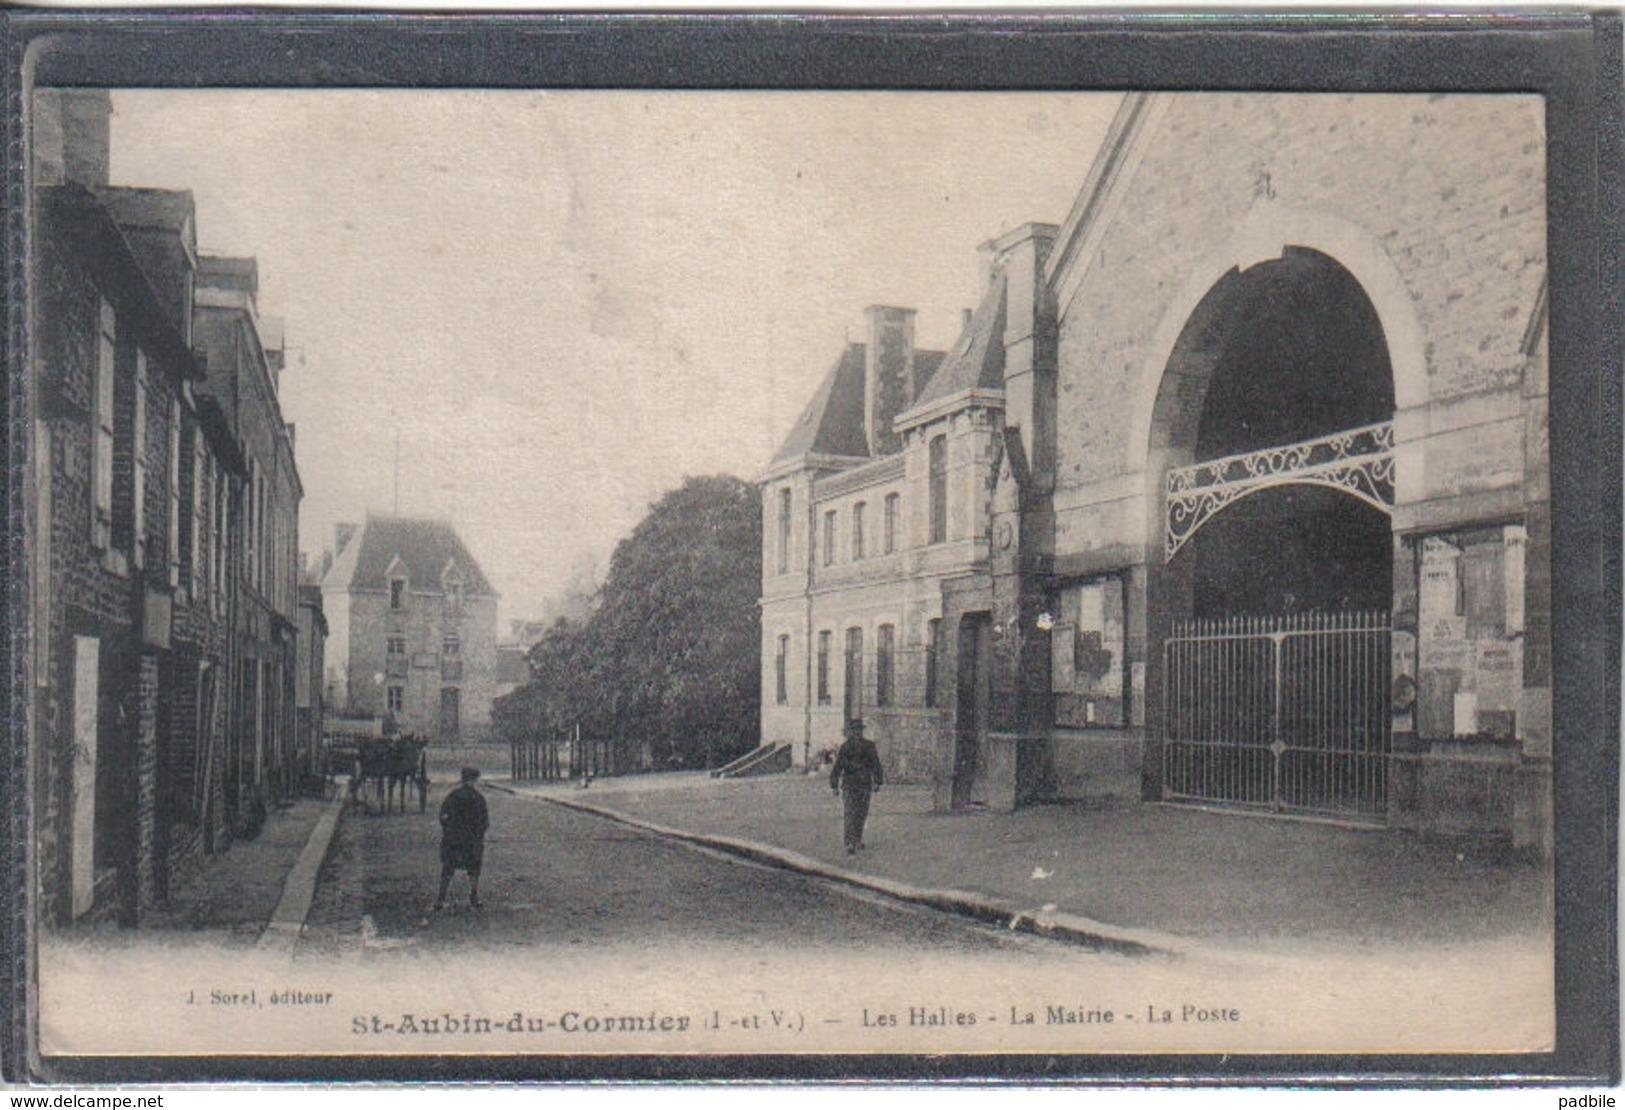 Carte Postale 35. Saint-Aubin-du-Cormier  La Poste Les Halles La Mairie Très Beau Plan - Other Municipalities